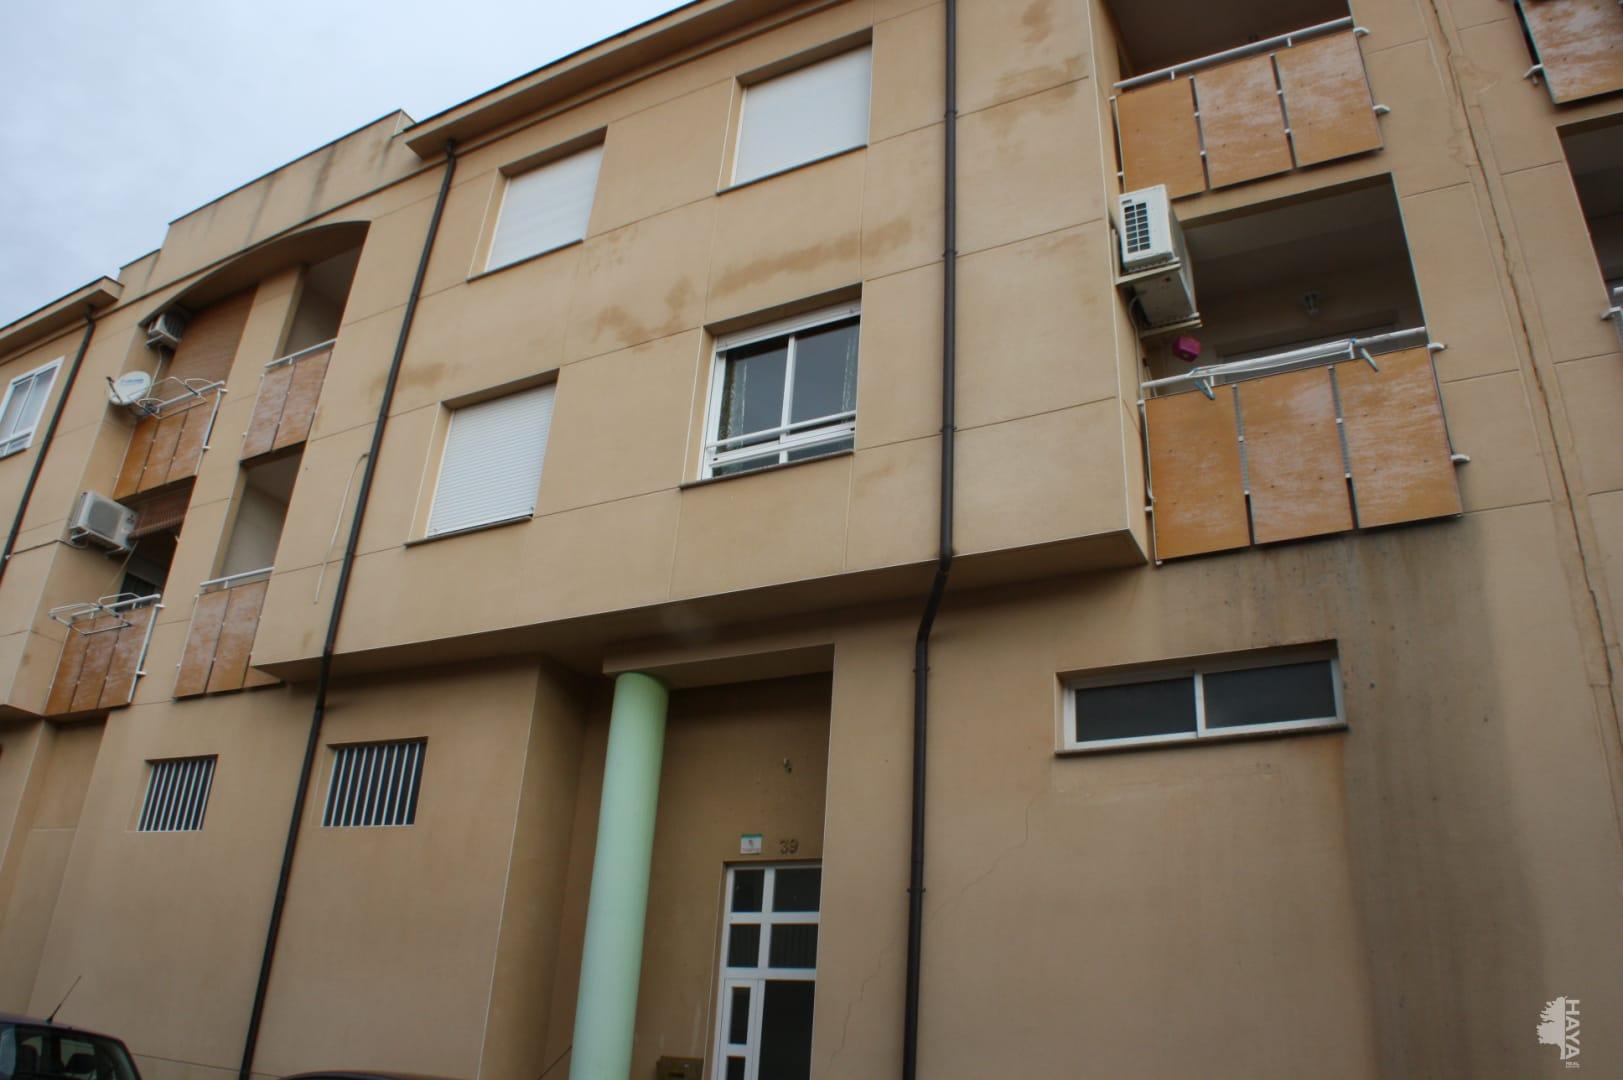 Piso en venta en Moraleja, Cáceres, Calle Muñoz Grande, 71.900 €, 3 habitaciones, 2 baños, 112 m2